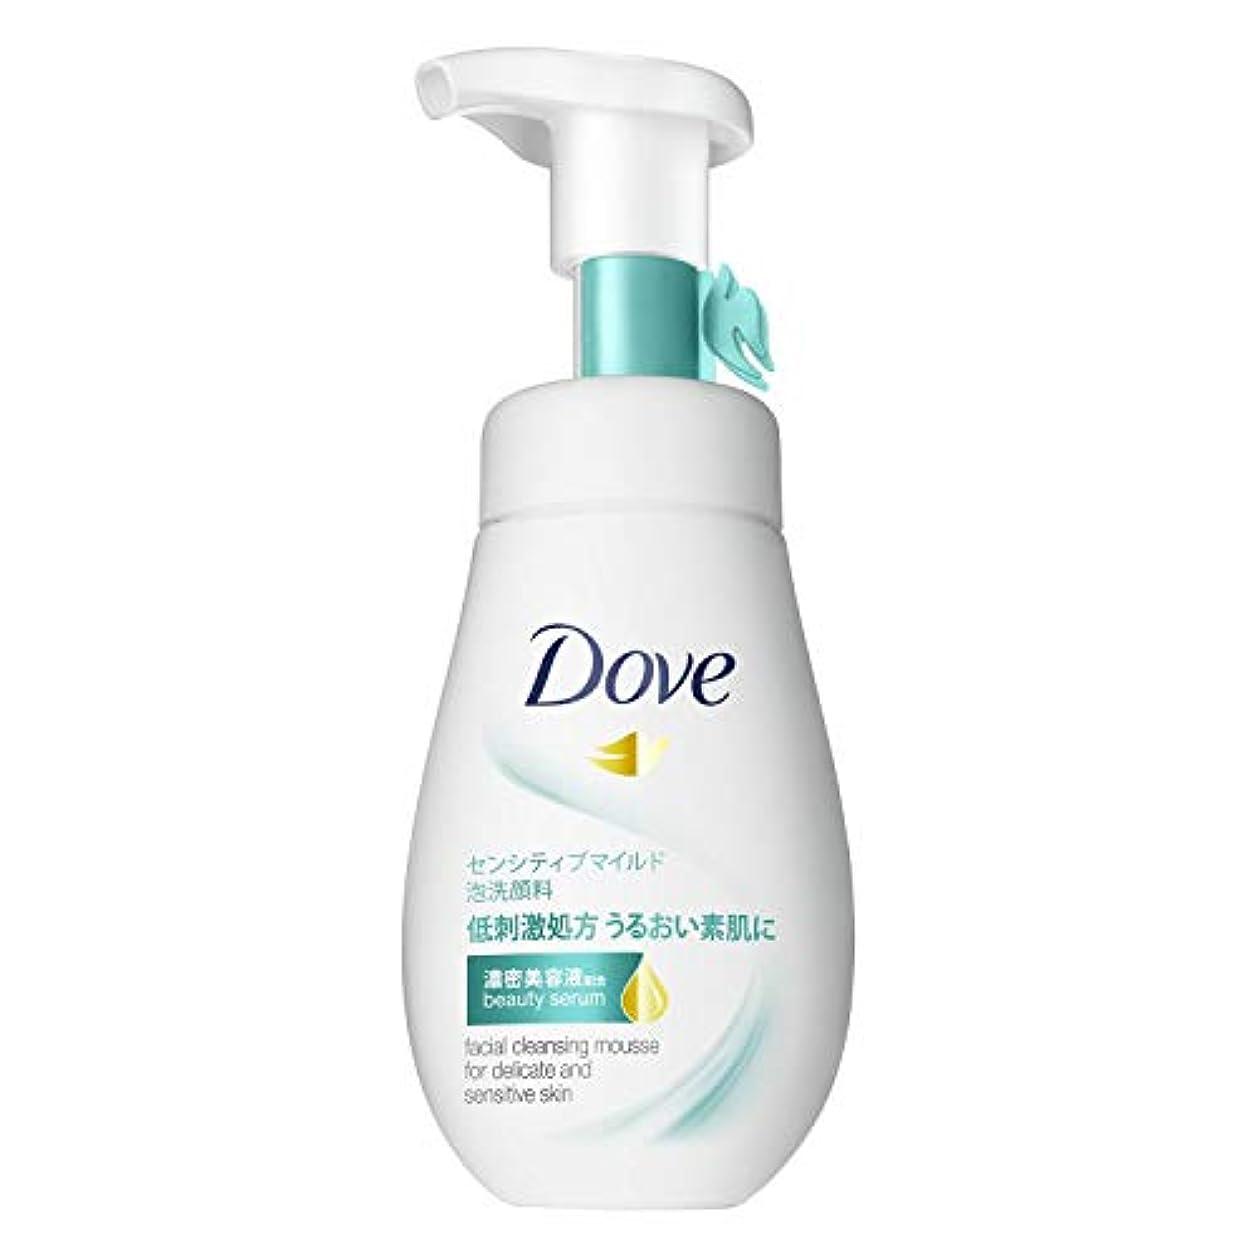 ボイドなので嫉妬ダヴ センシティブマイルド クリーミー泡洗顔料